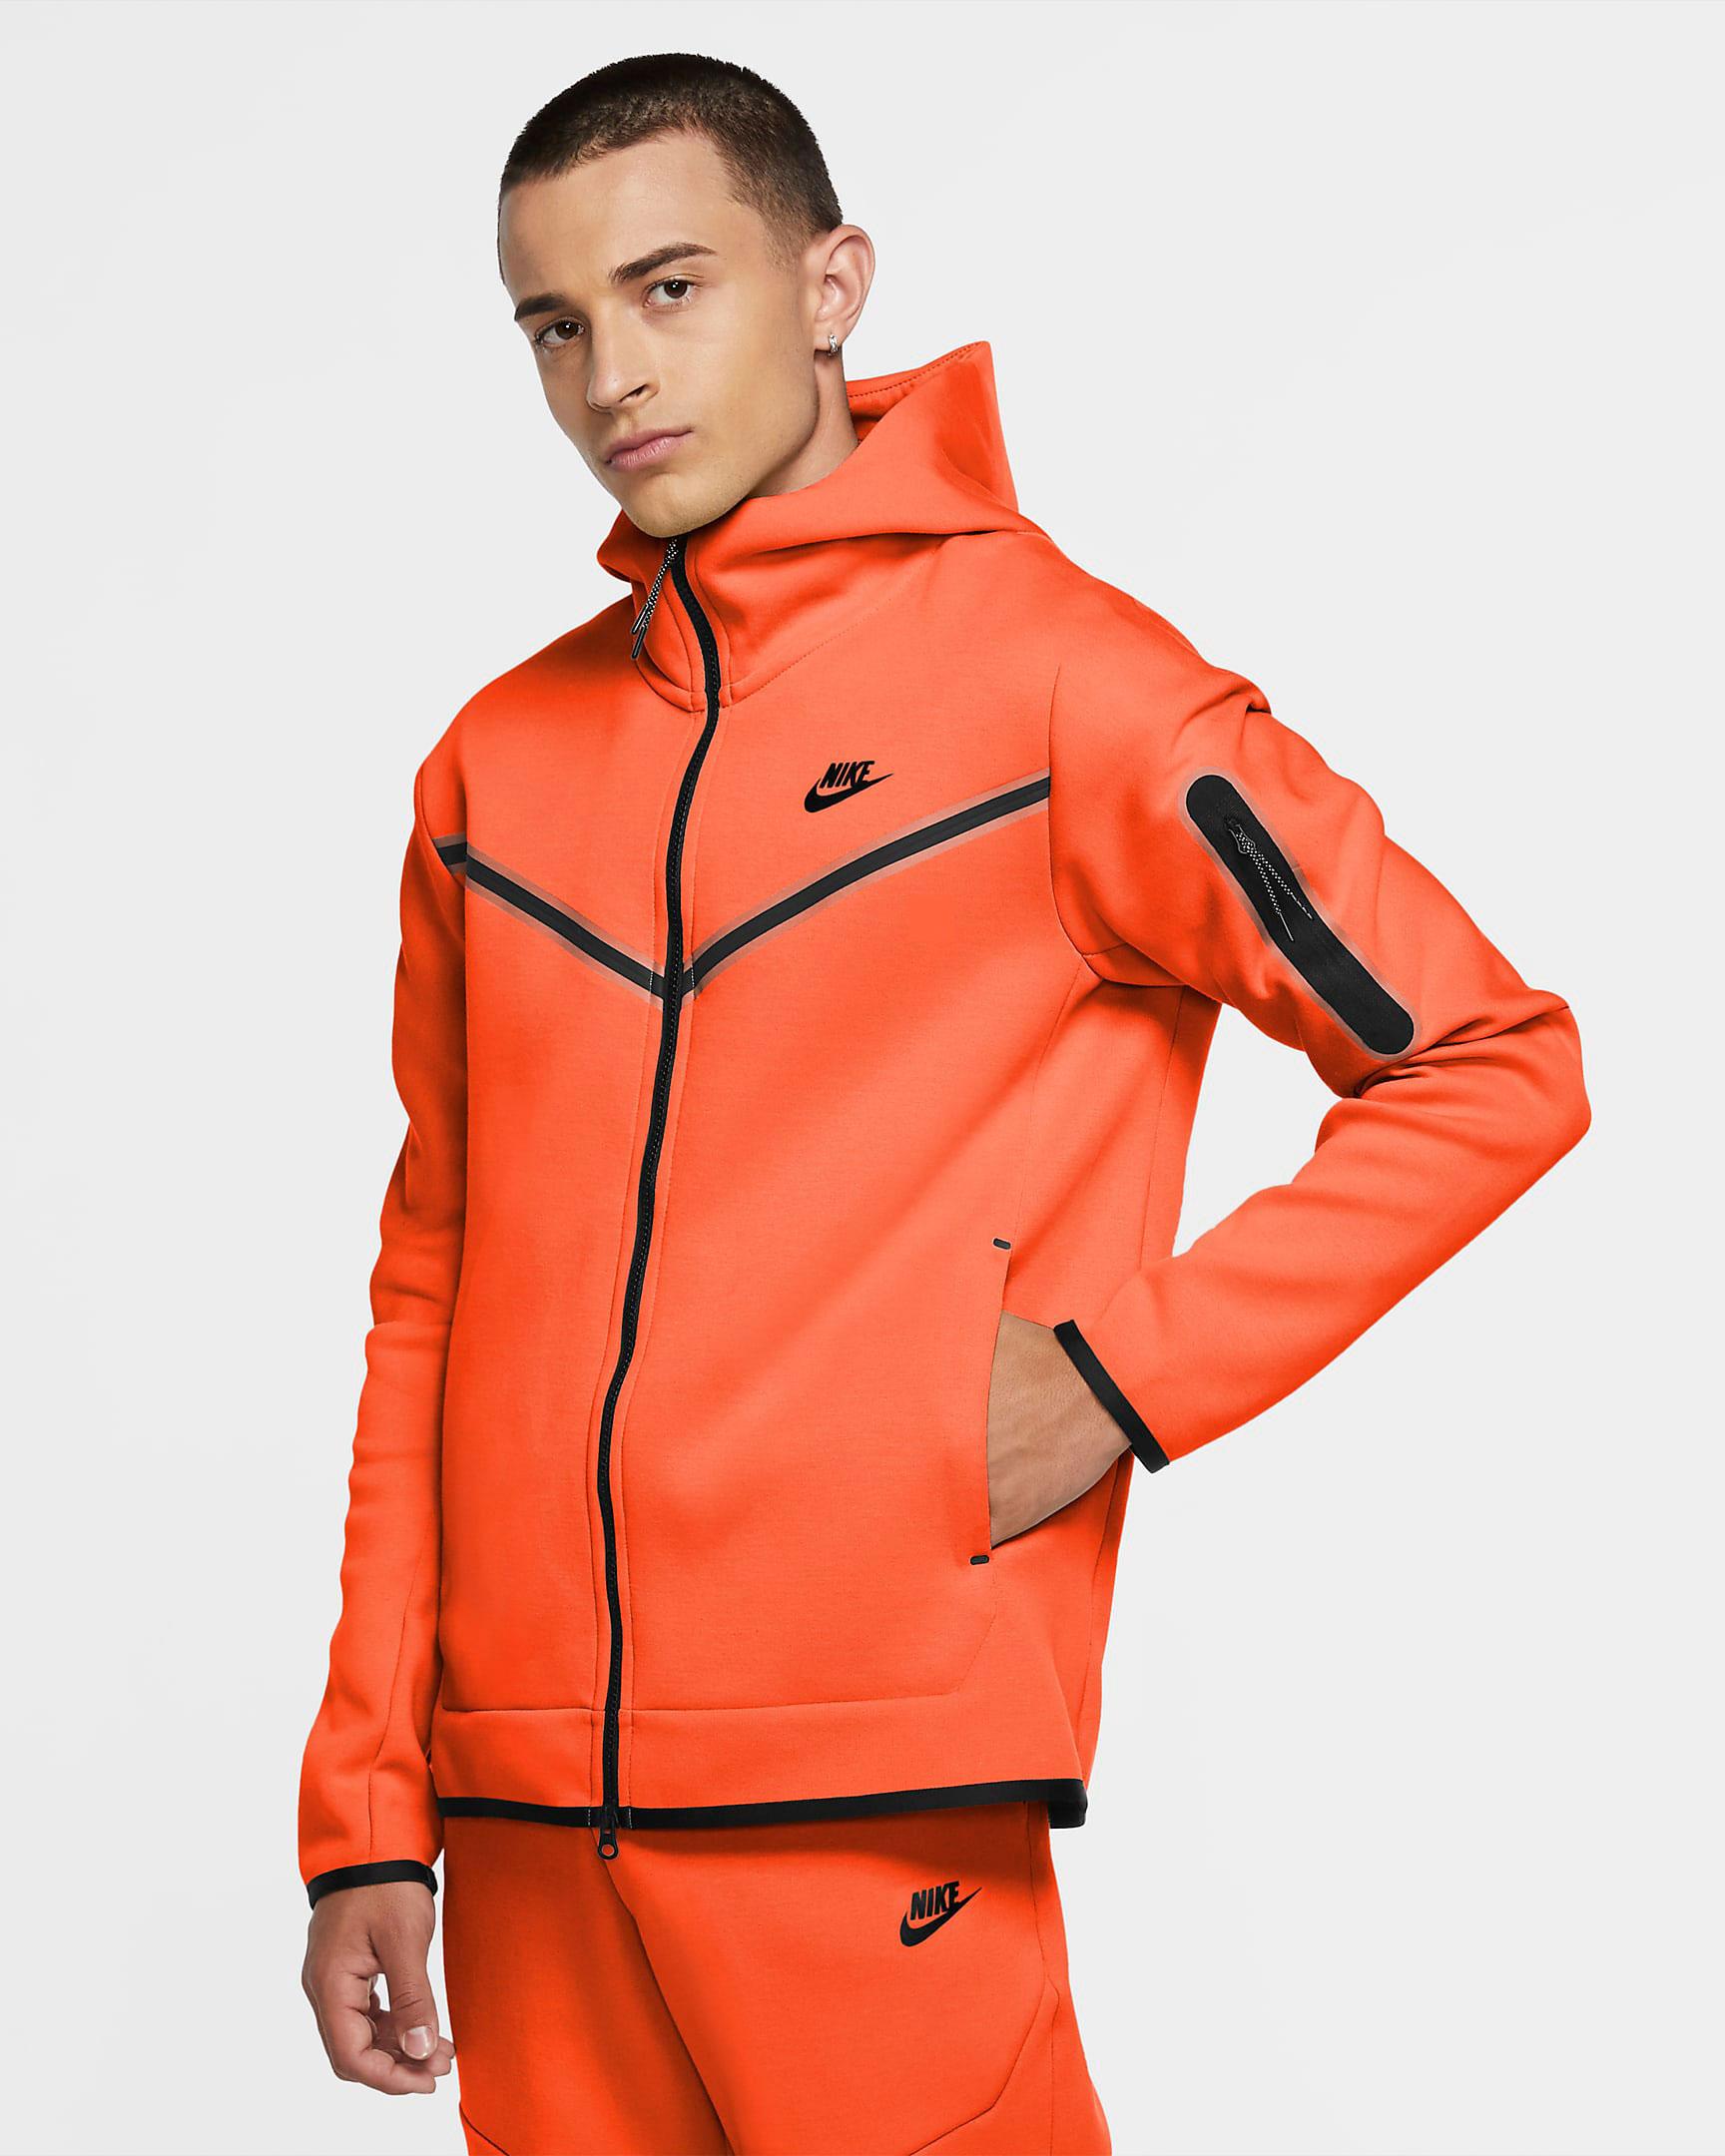 nike-air-force-1-orange-skeleton-hoodie-match